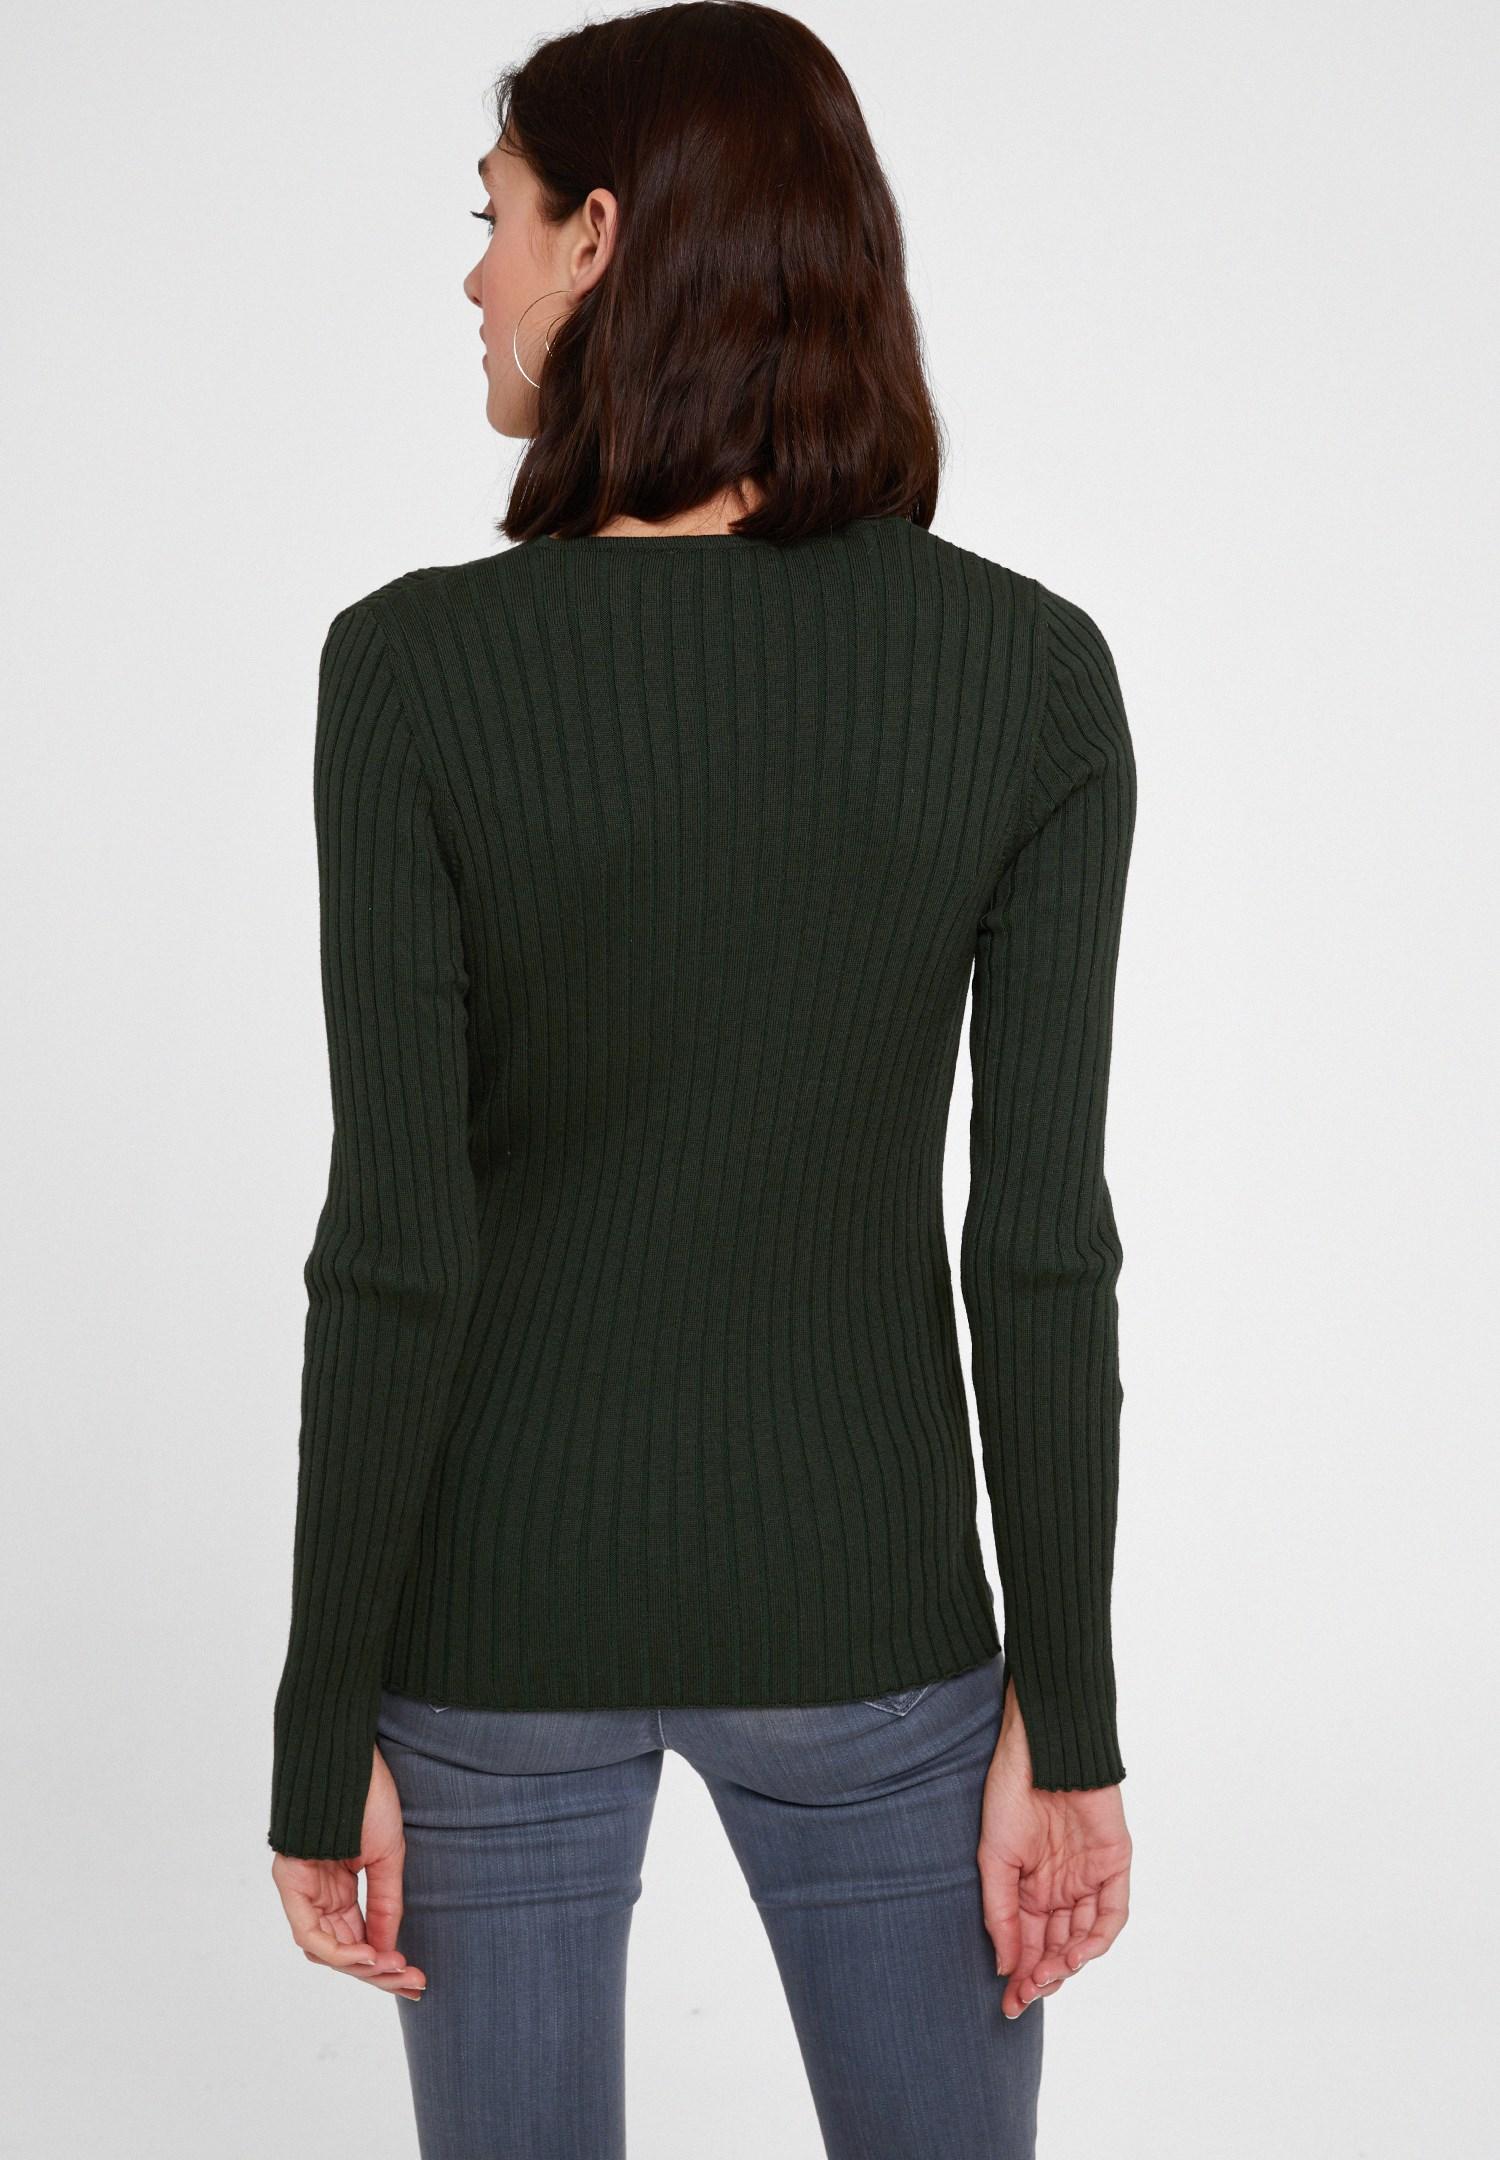 Bayan Yeşil Düğme Detaylı Uzun Kollu Hırka